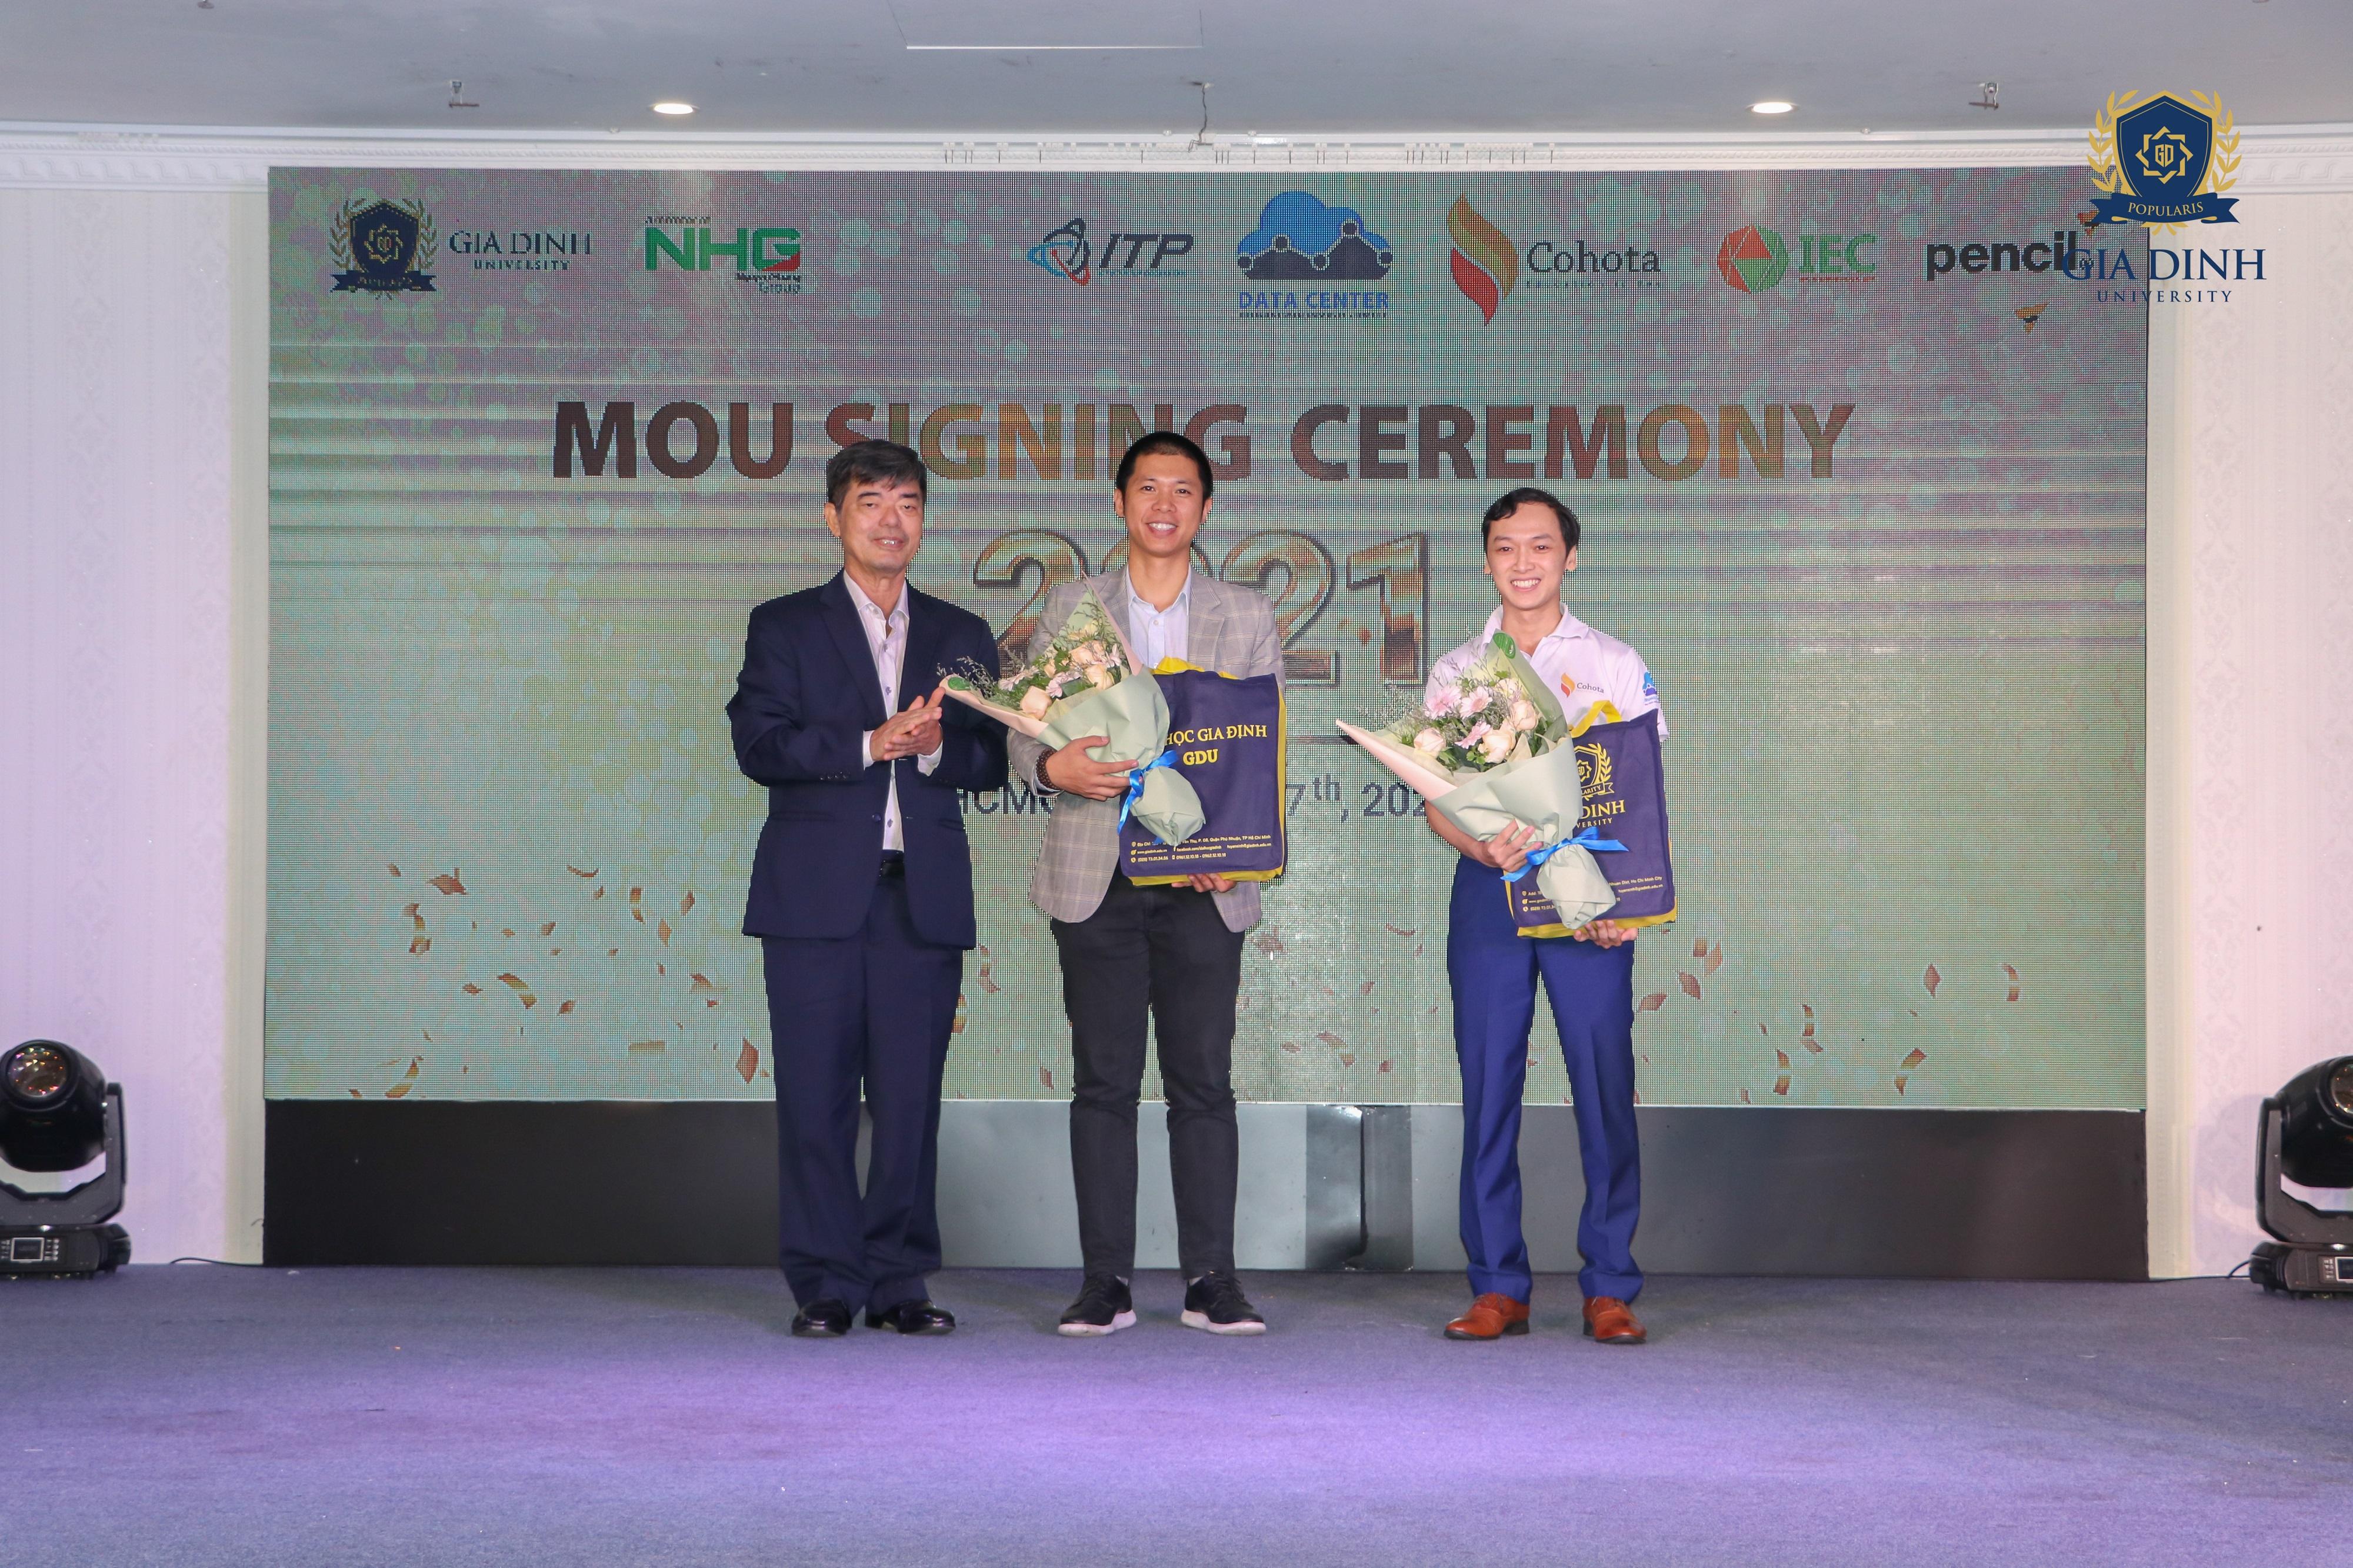 IMG 6325 Trường Đại học Gia Định (GDU) ký kết hợp tác đào tạo với công ty Pencil Group